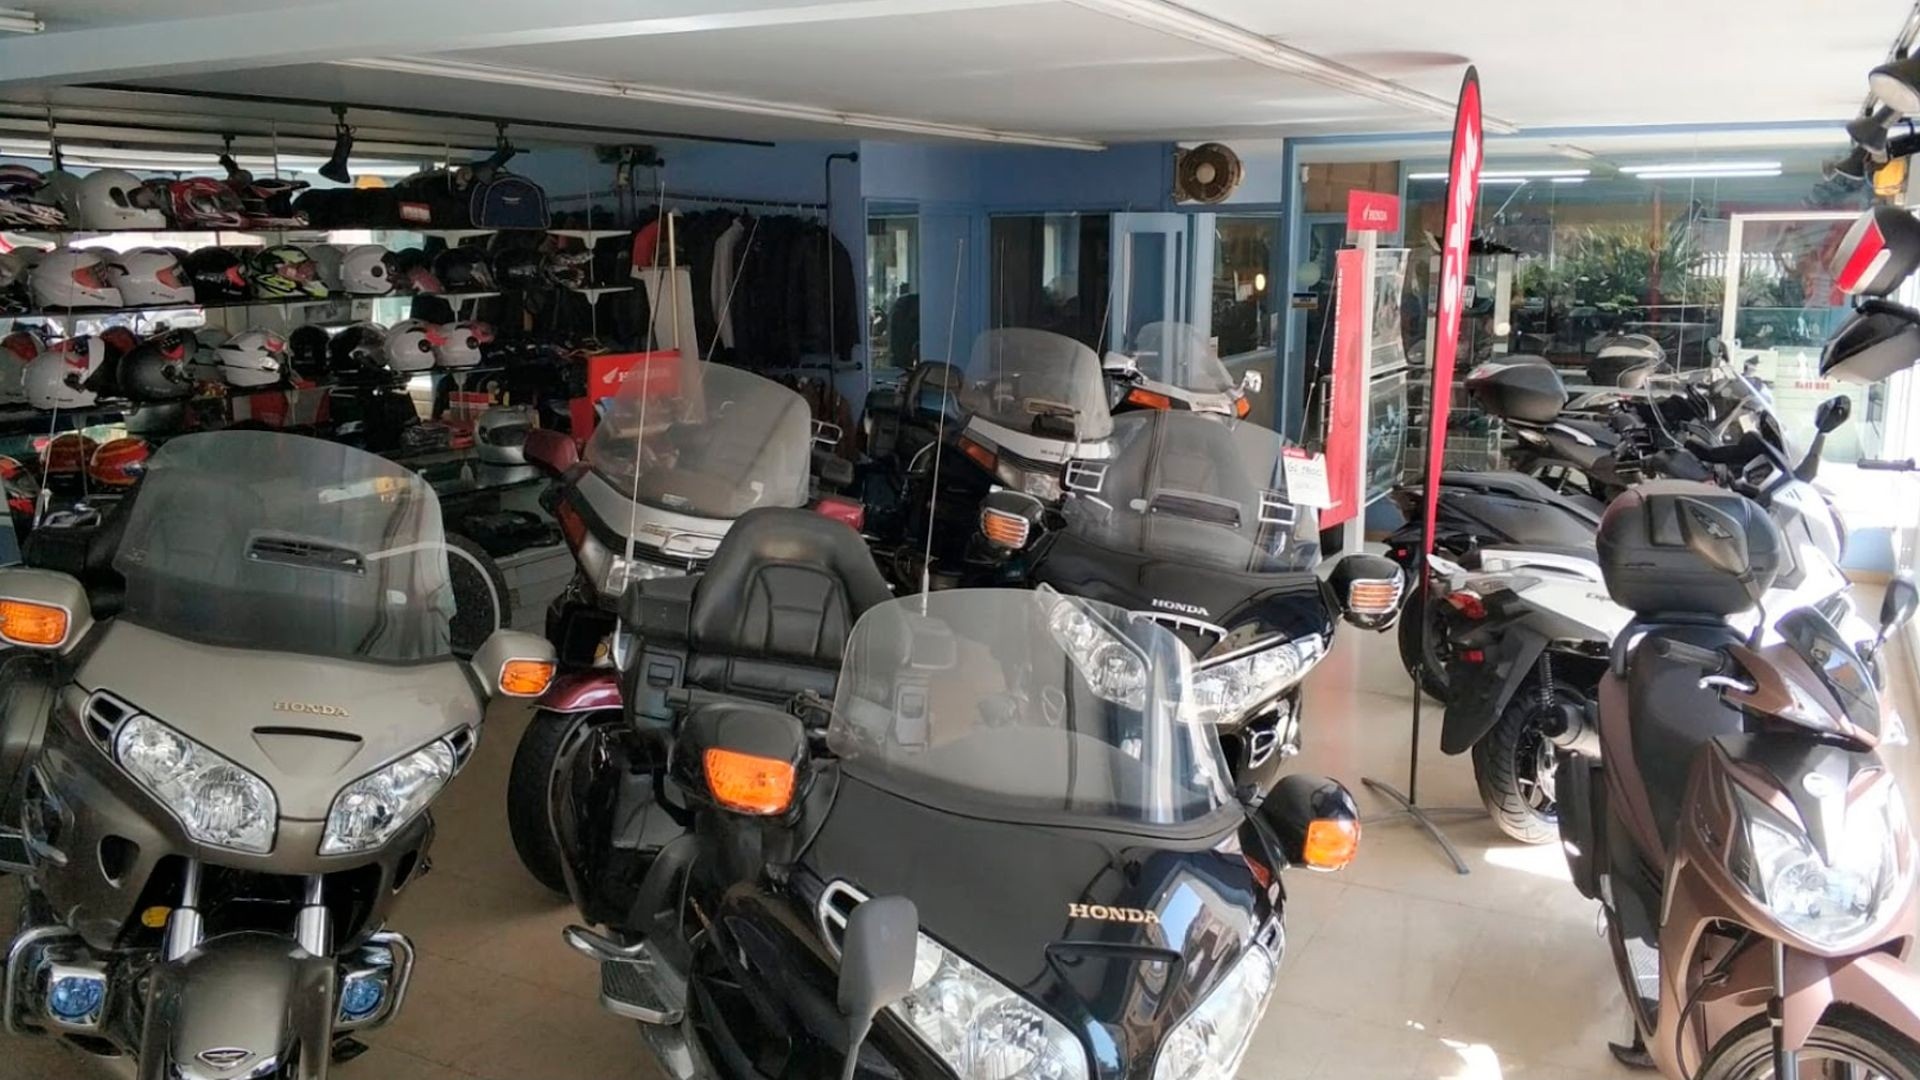 Taller mecánico de motos en Vilassar de Mar